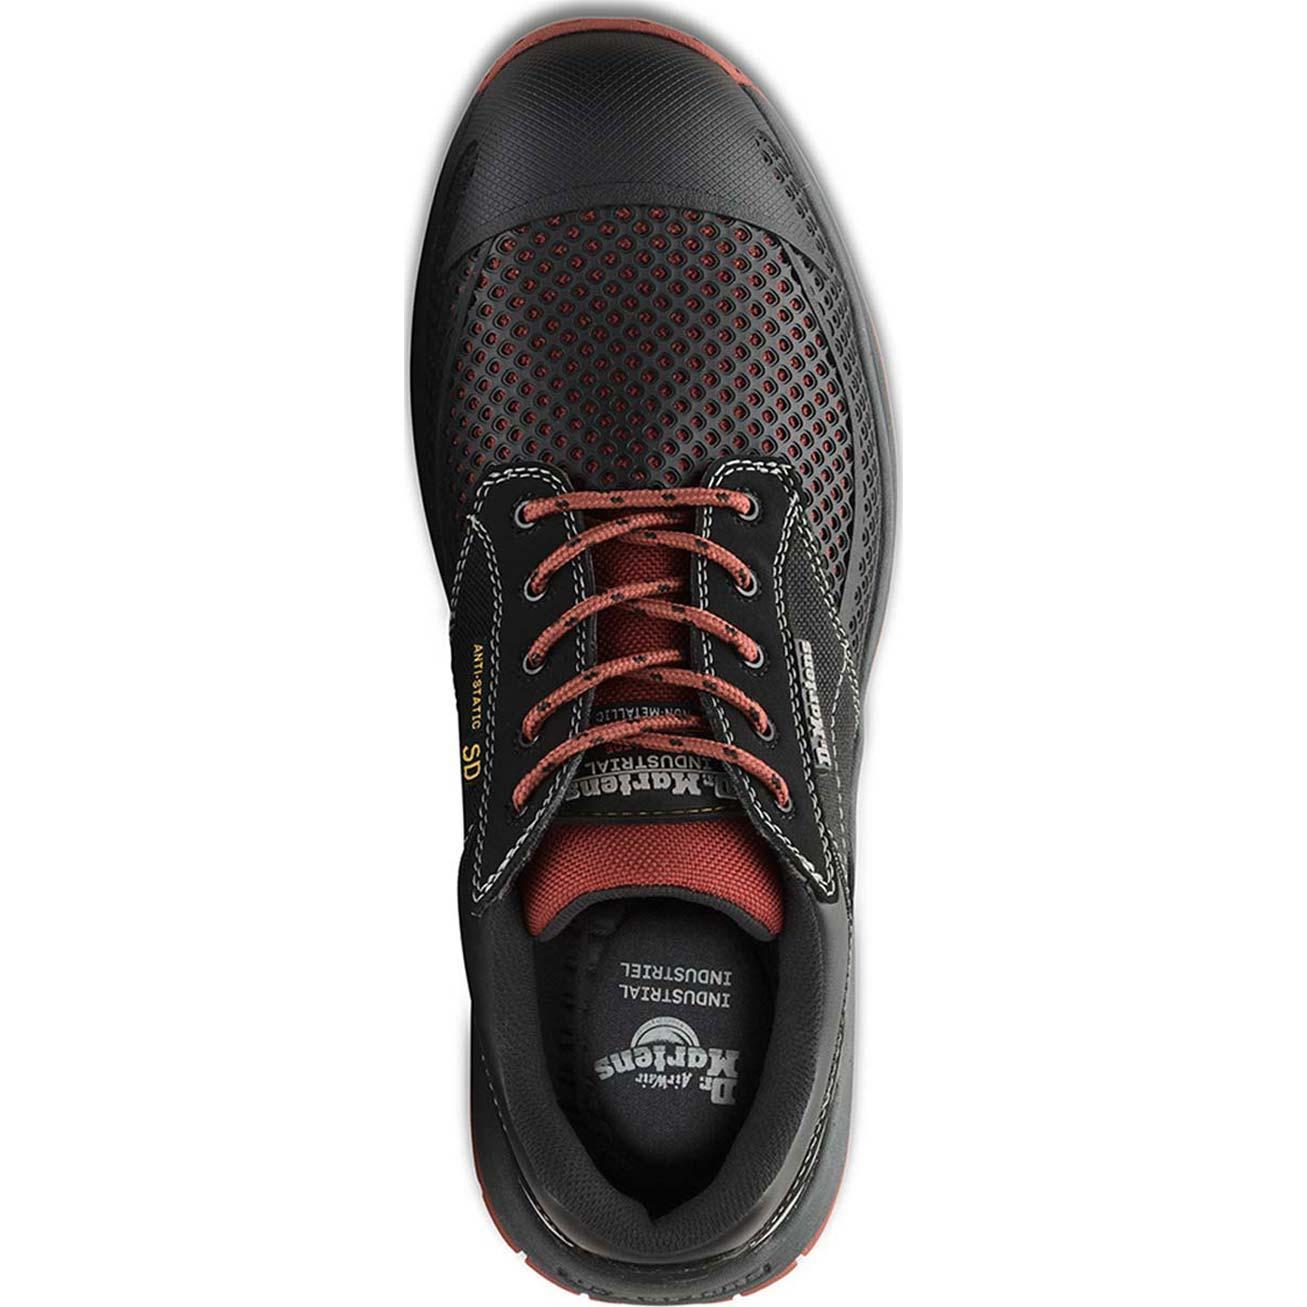 04f95a680da6 Dr. Martens Calamus Steel Toe Static-Dissipative Work Shoe